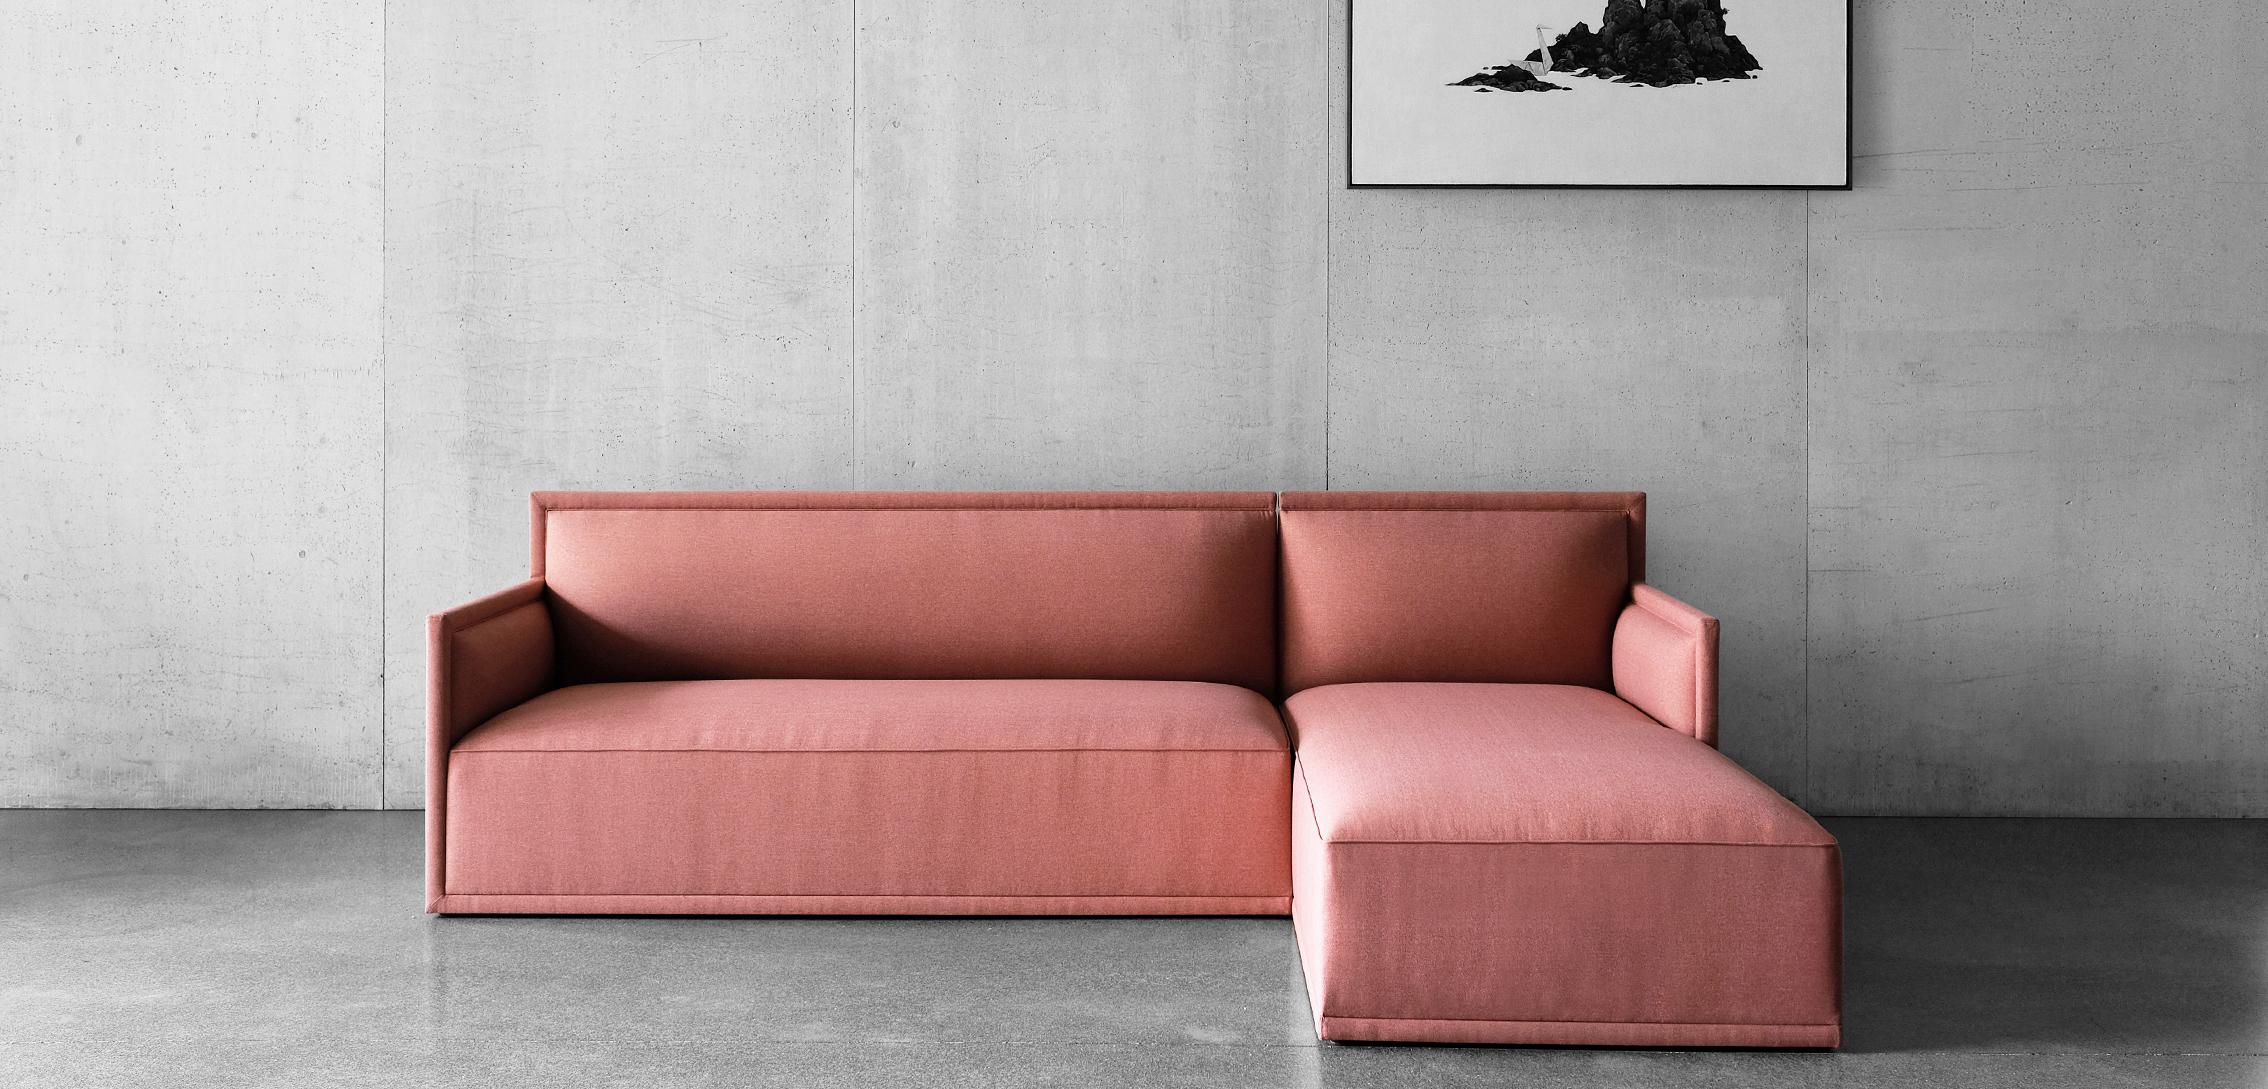 洛舍 沙发